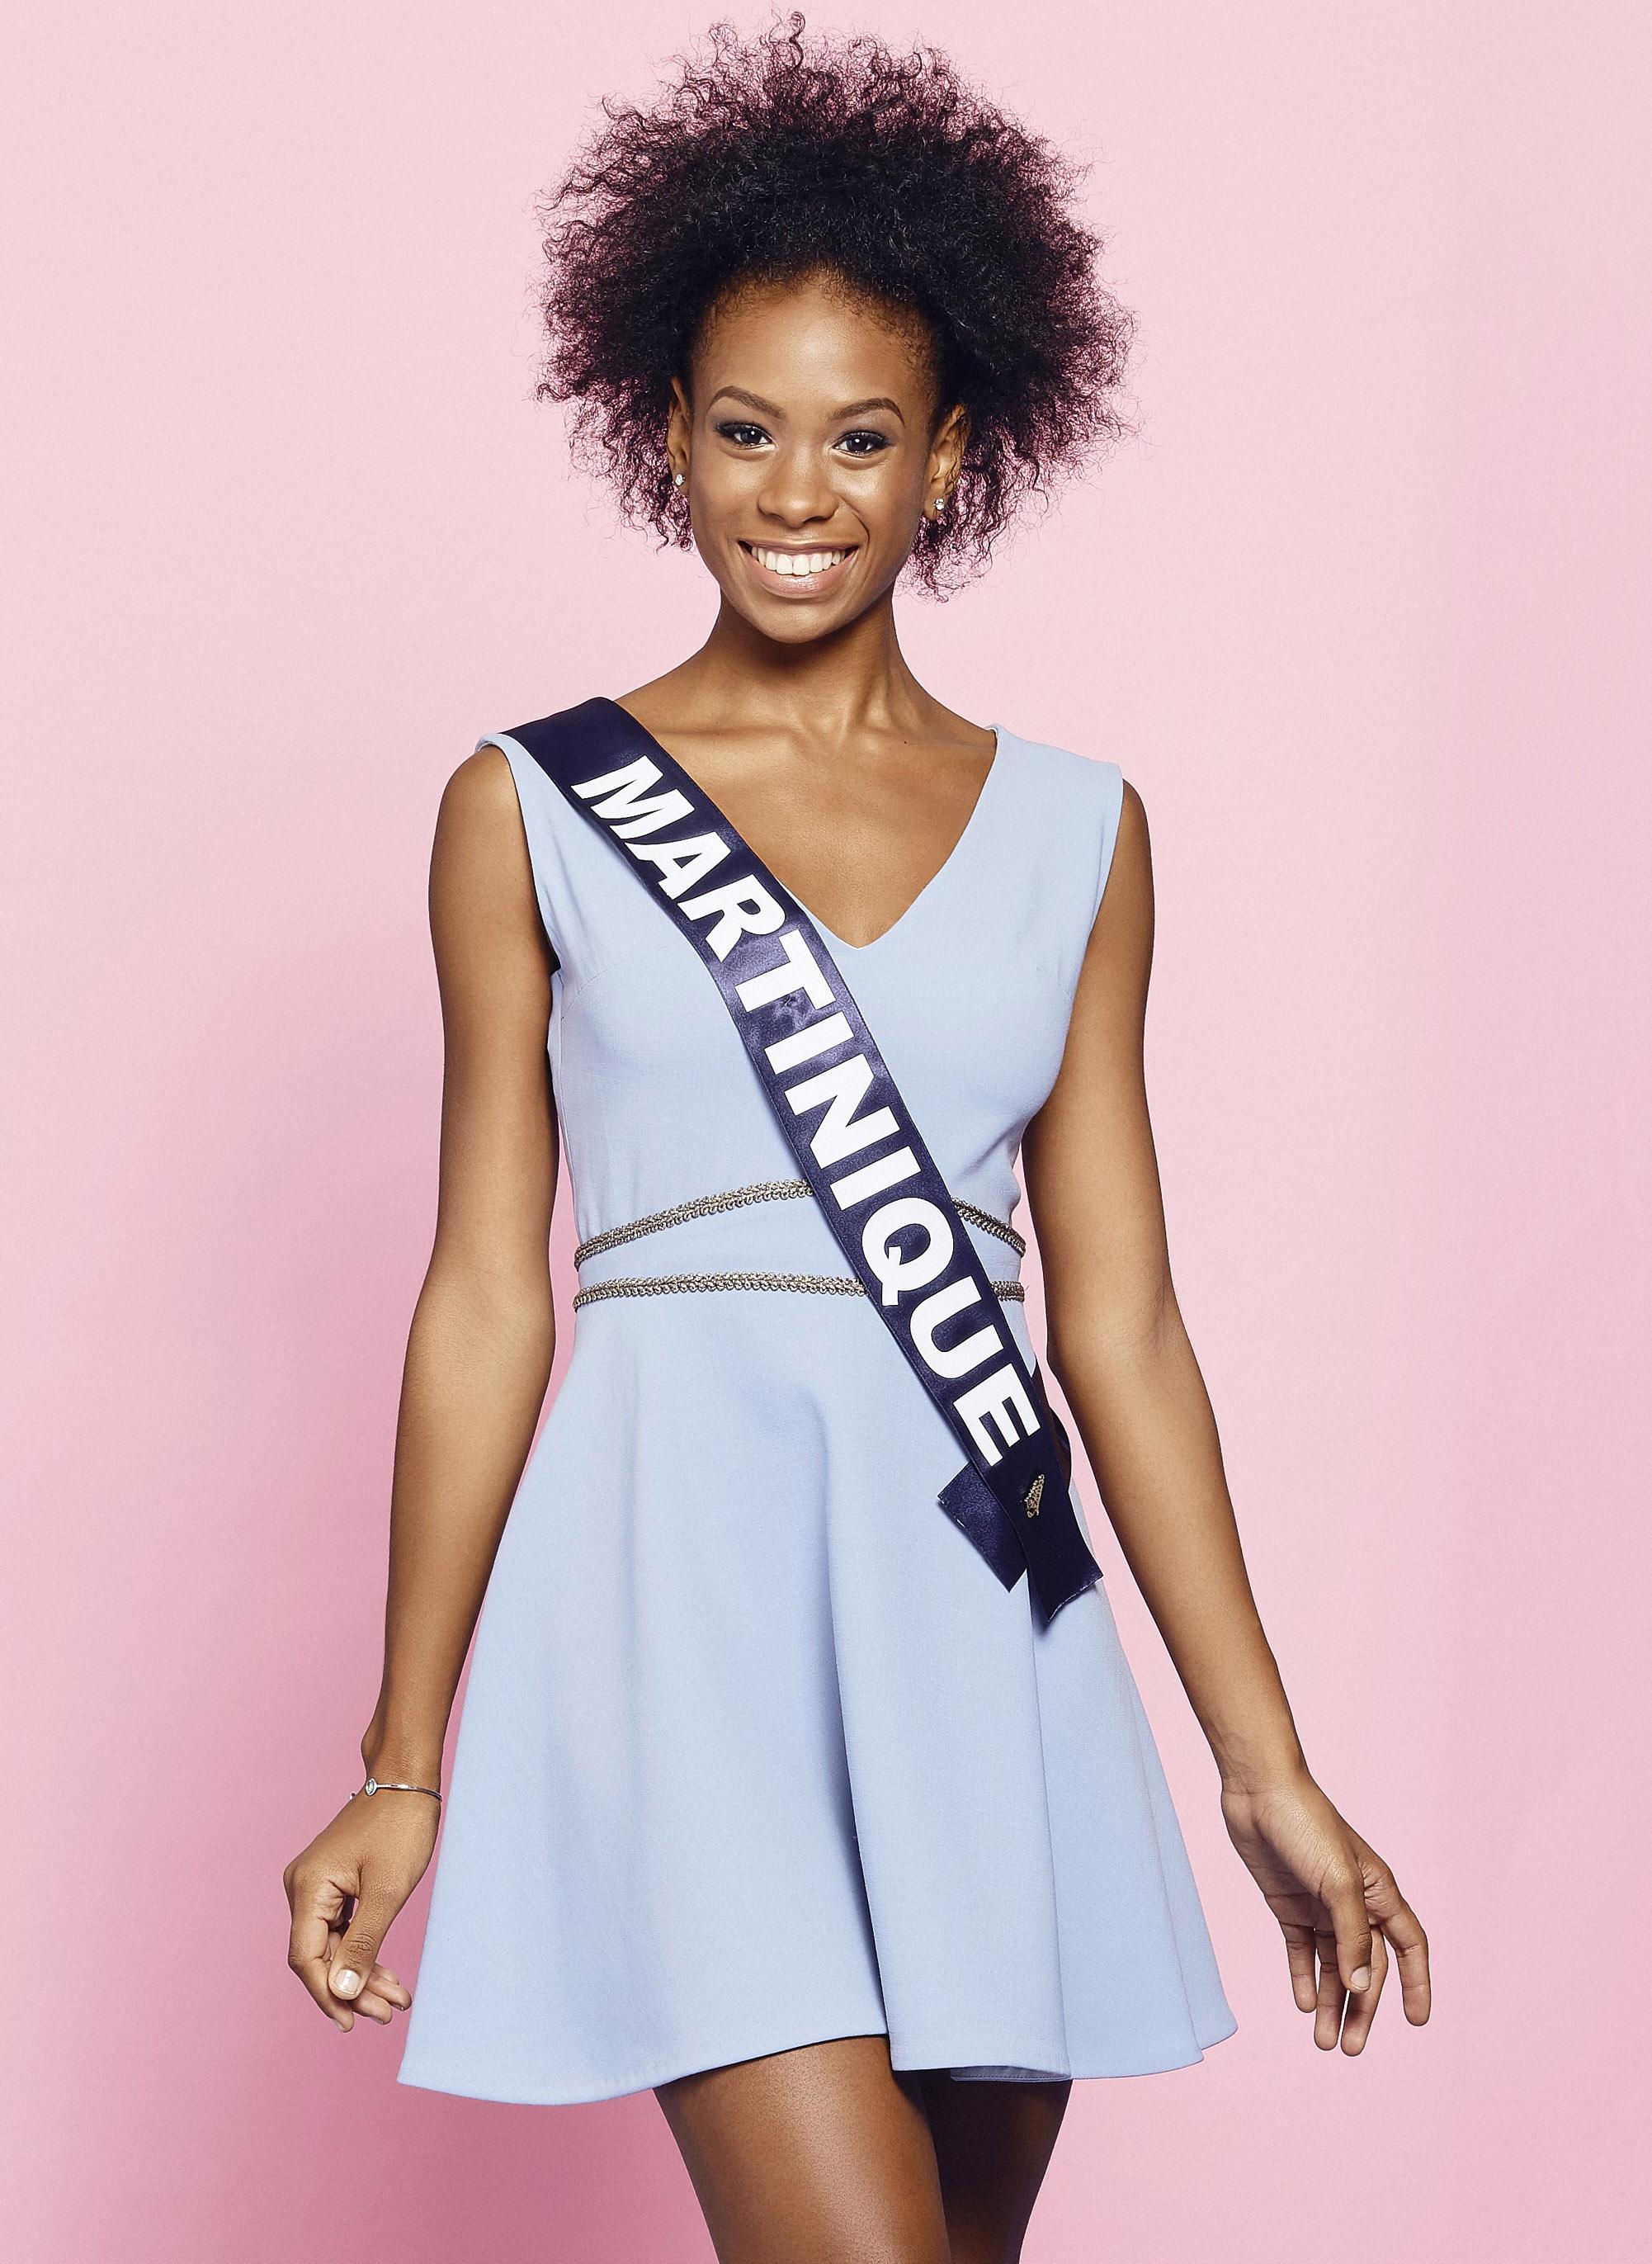 Miss Martinique - Olivia Luscap